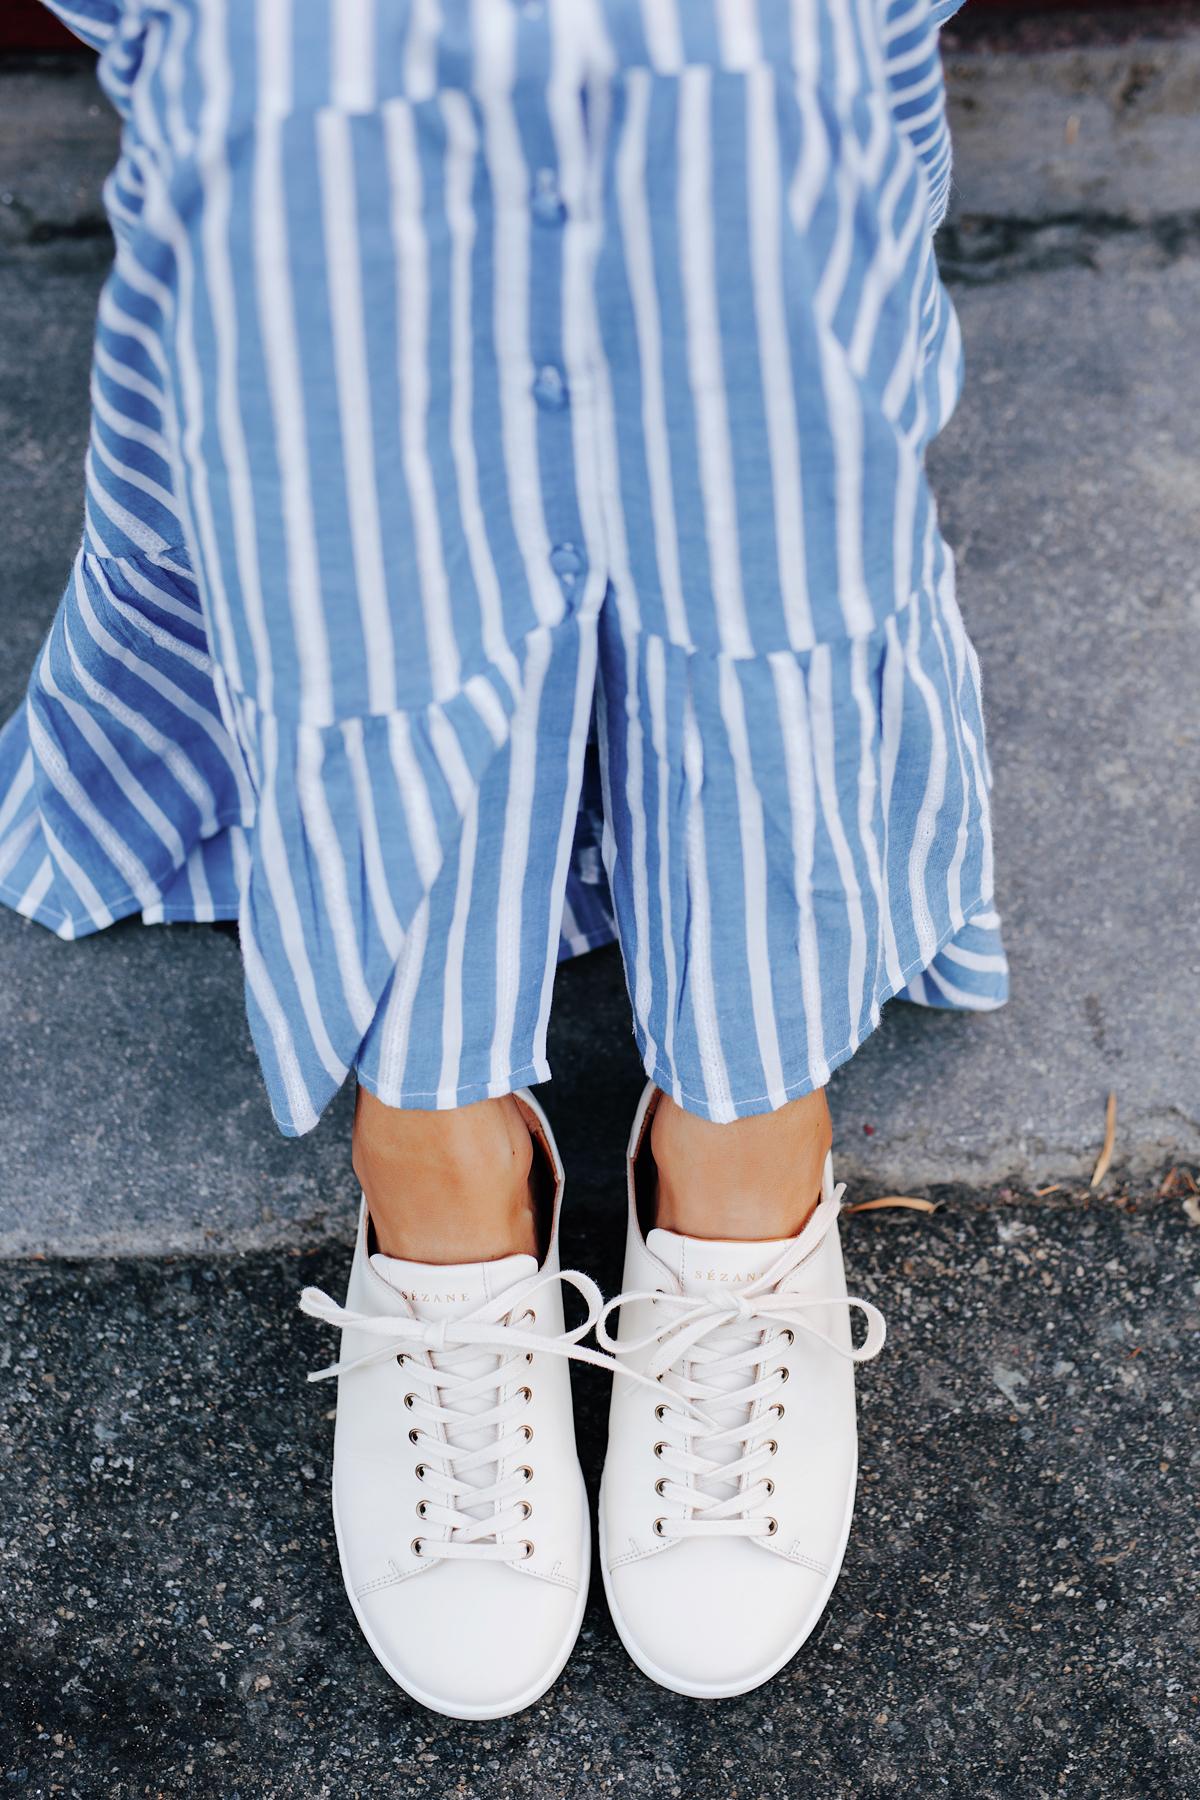 Fashion Jackson Wearing Sezane White Sneakers Blue White Stripe Maxi Dress